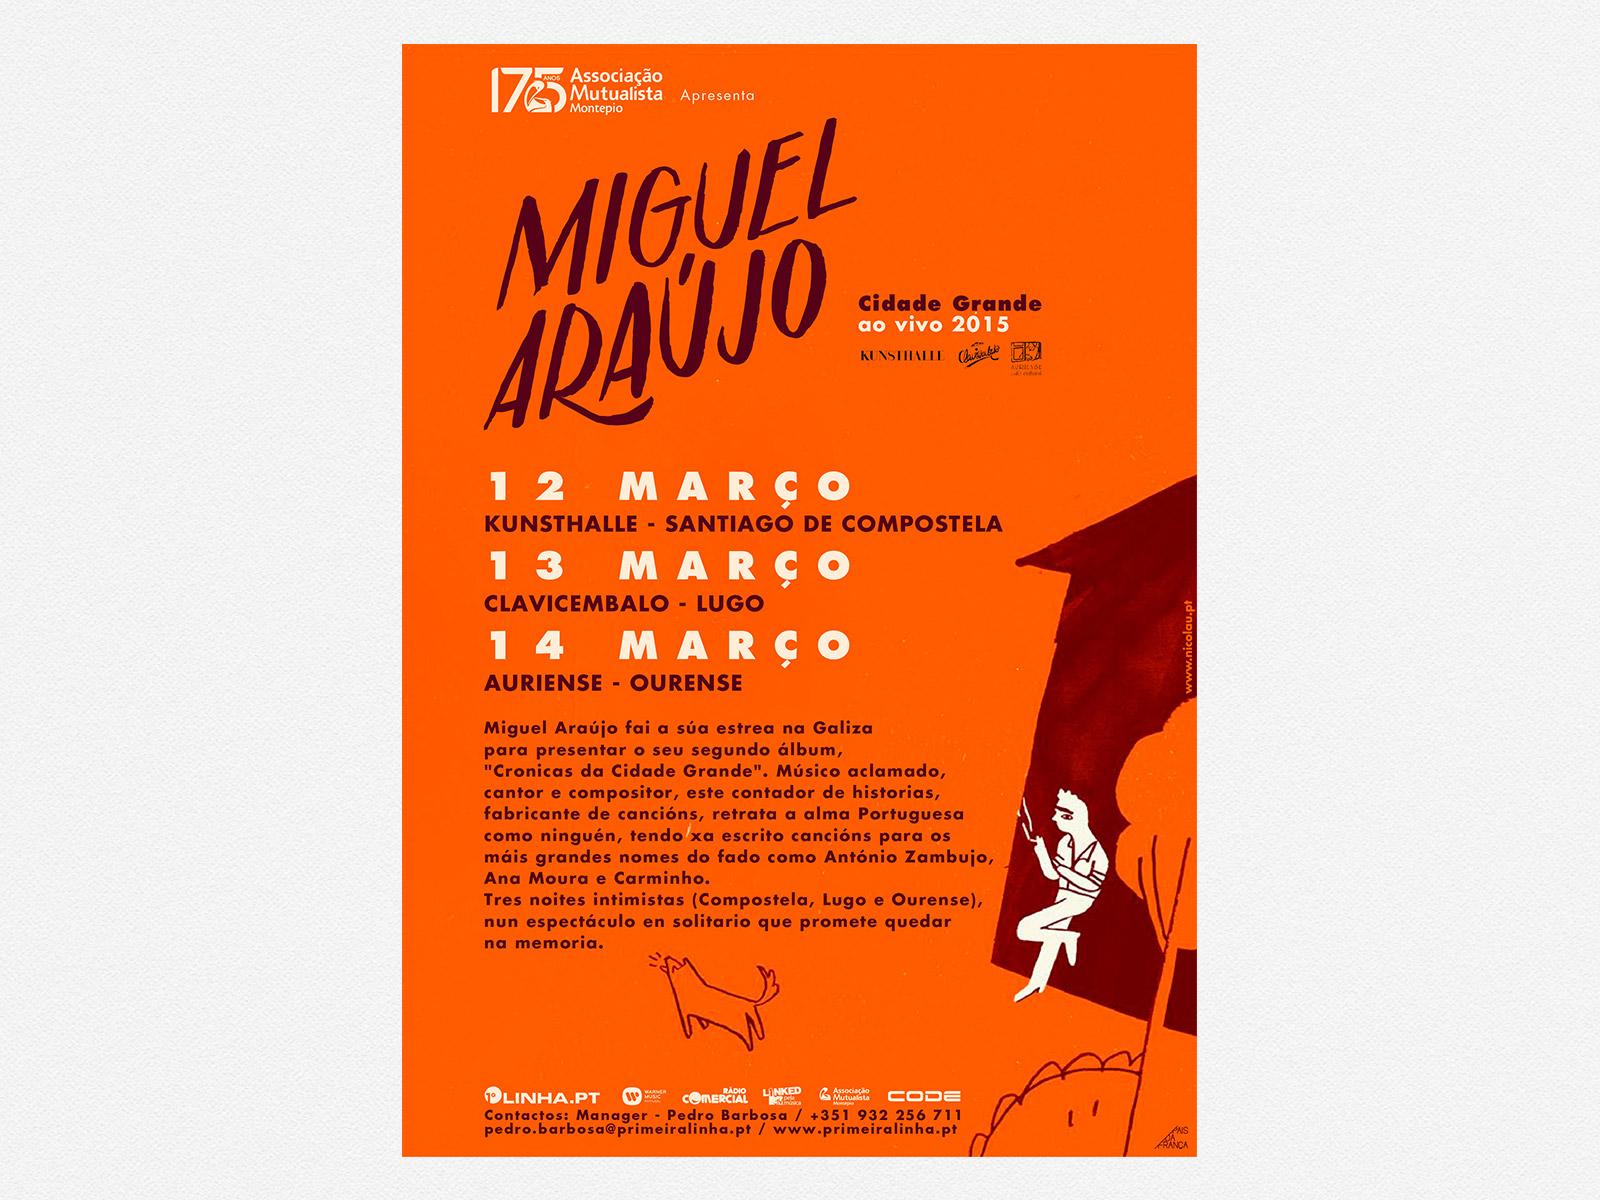 MIGUEL ARAÚJO  - 7